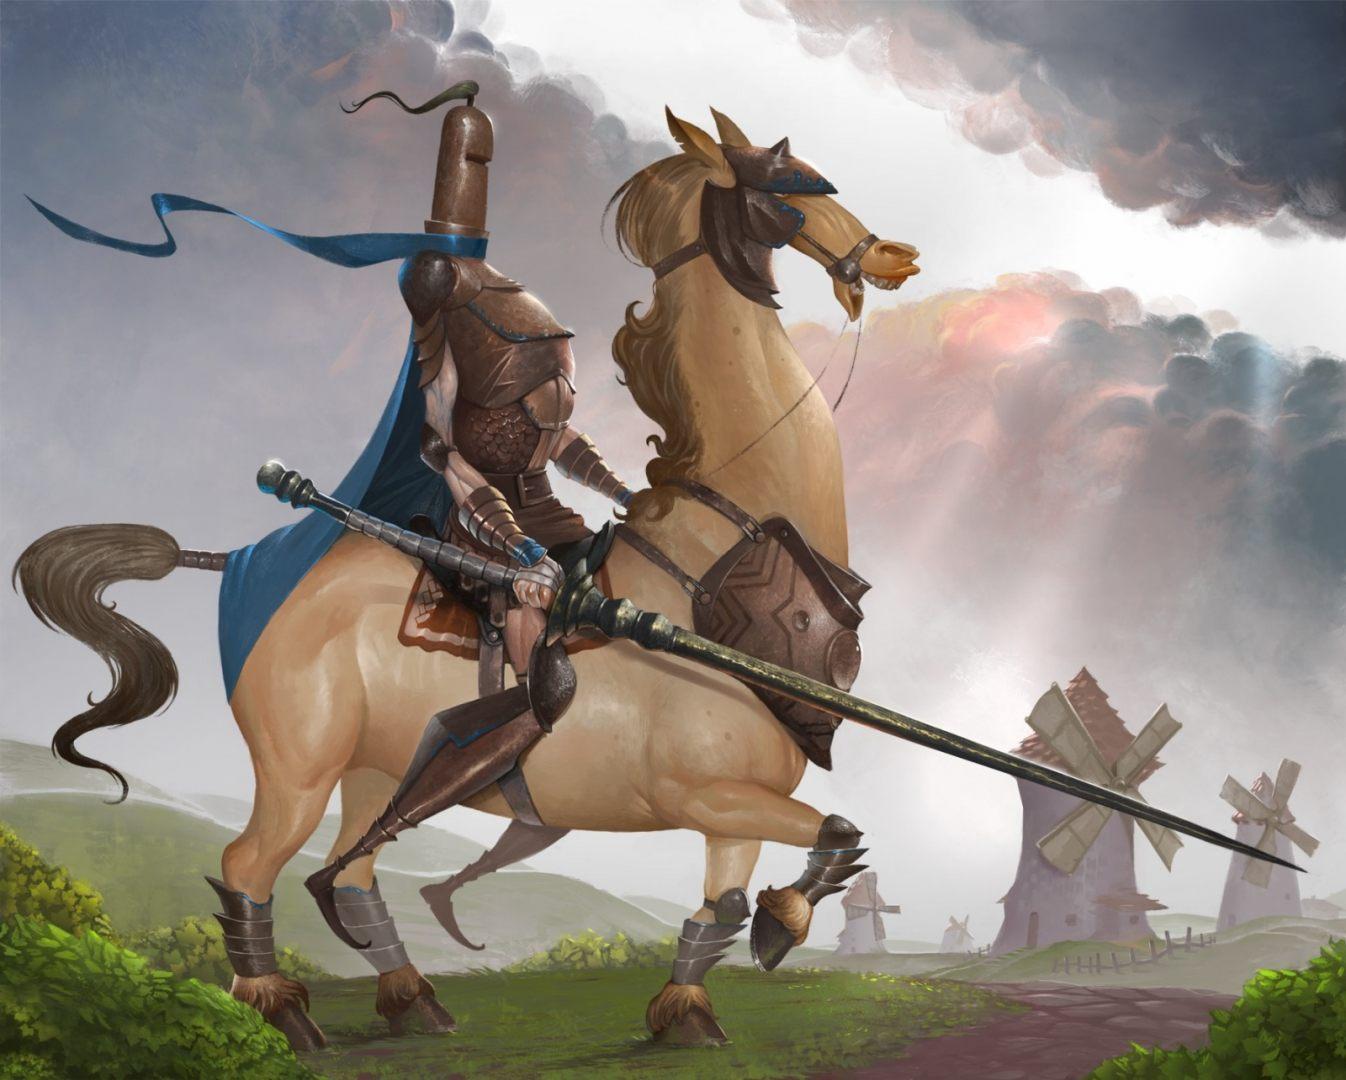 Há inclusive representações profanas do animal em tapetes europeus de décadas antes de cristo. Galeria de fotos e imagens: Desenhos de cavalos